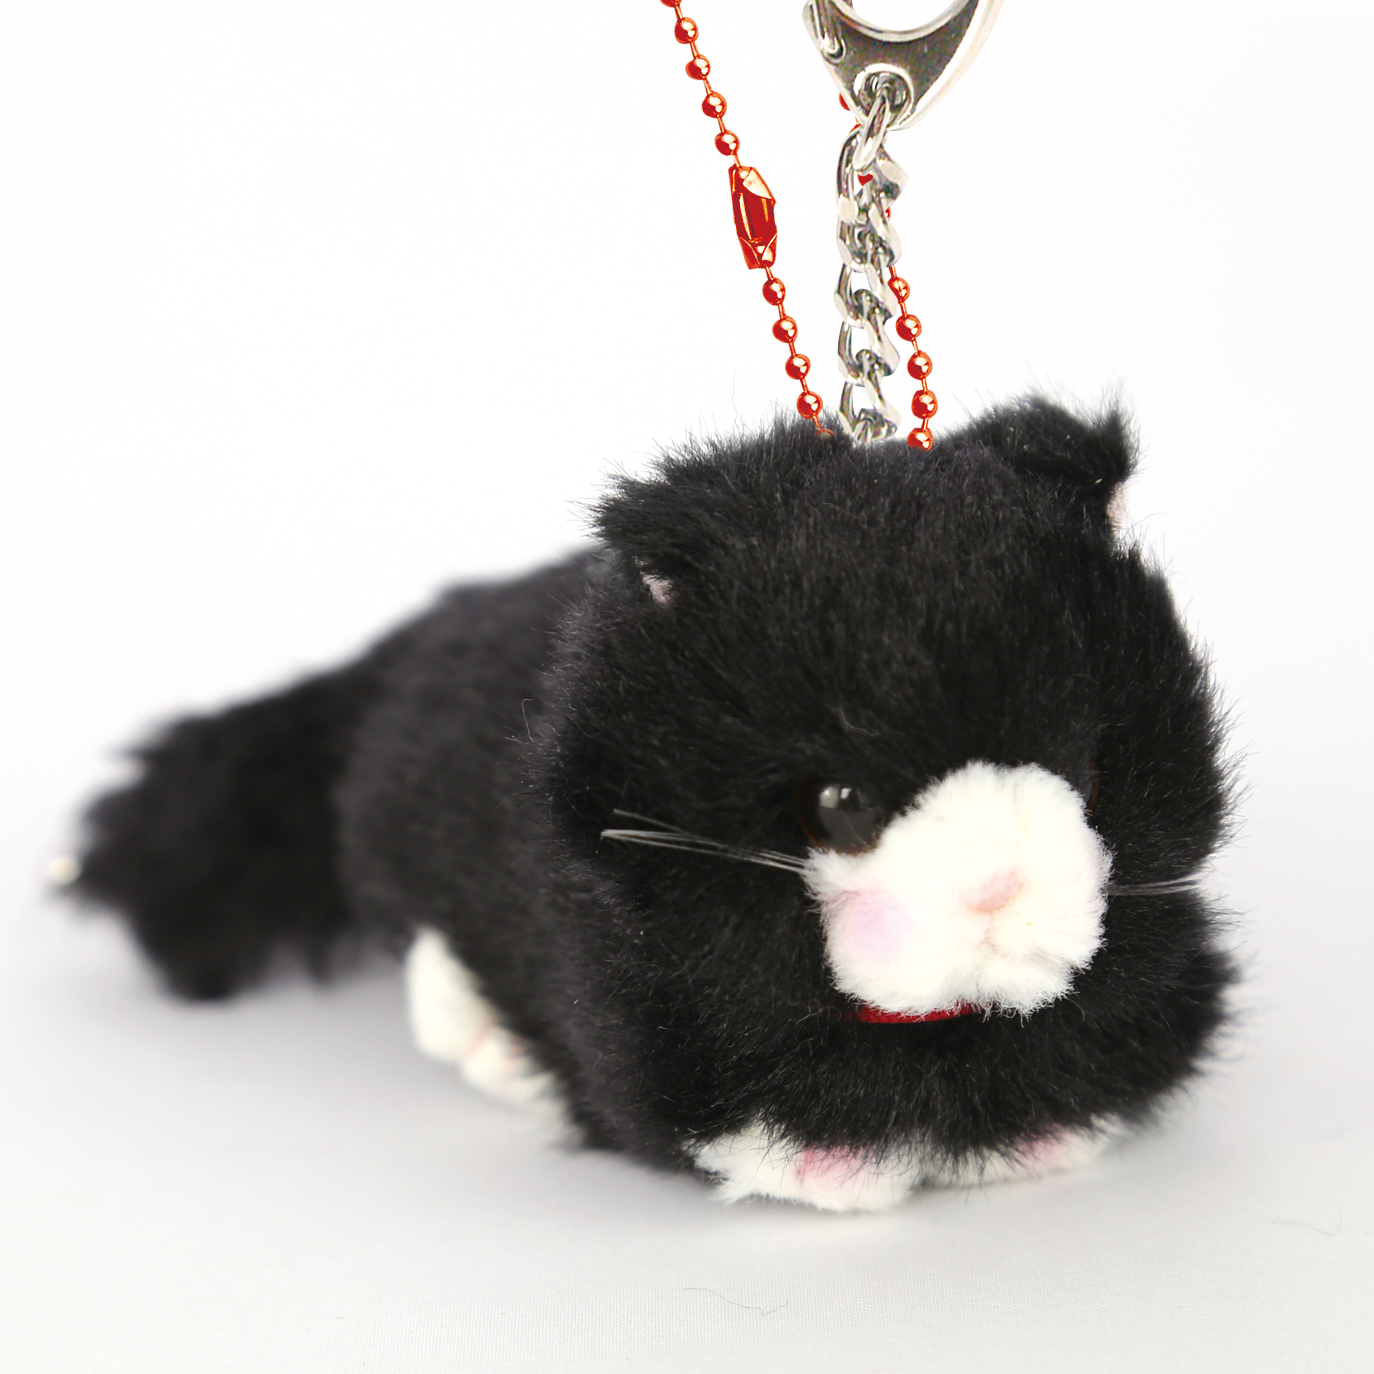 Bambino cat 黒